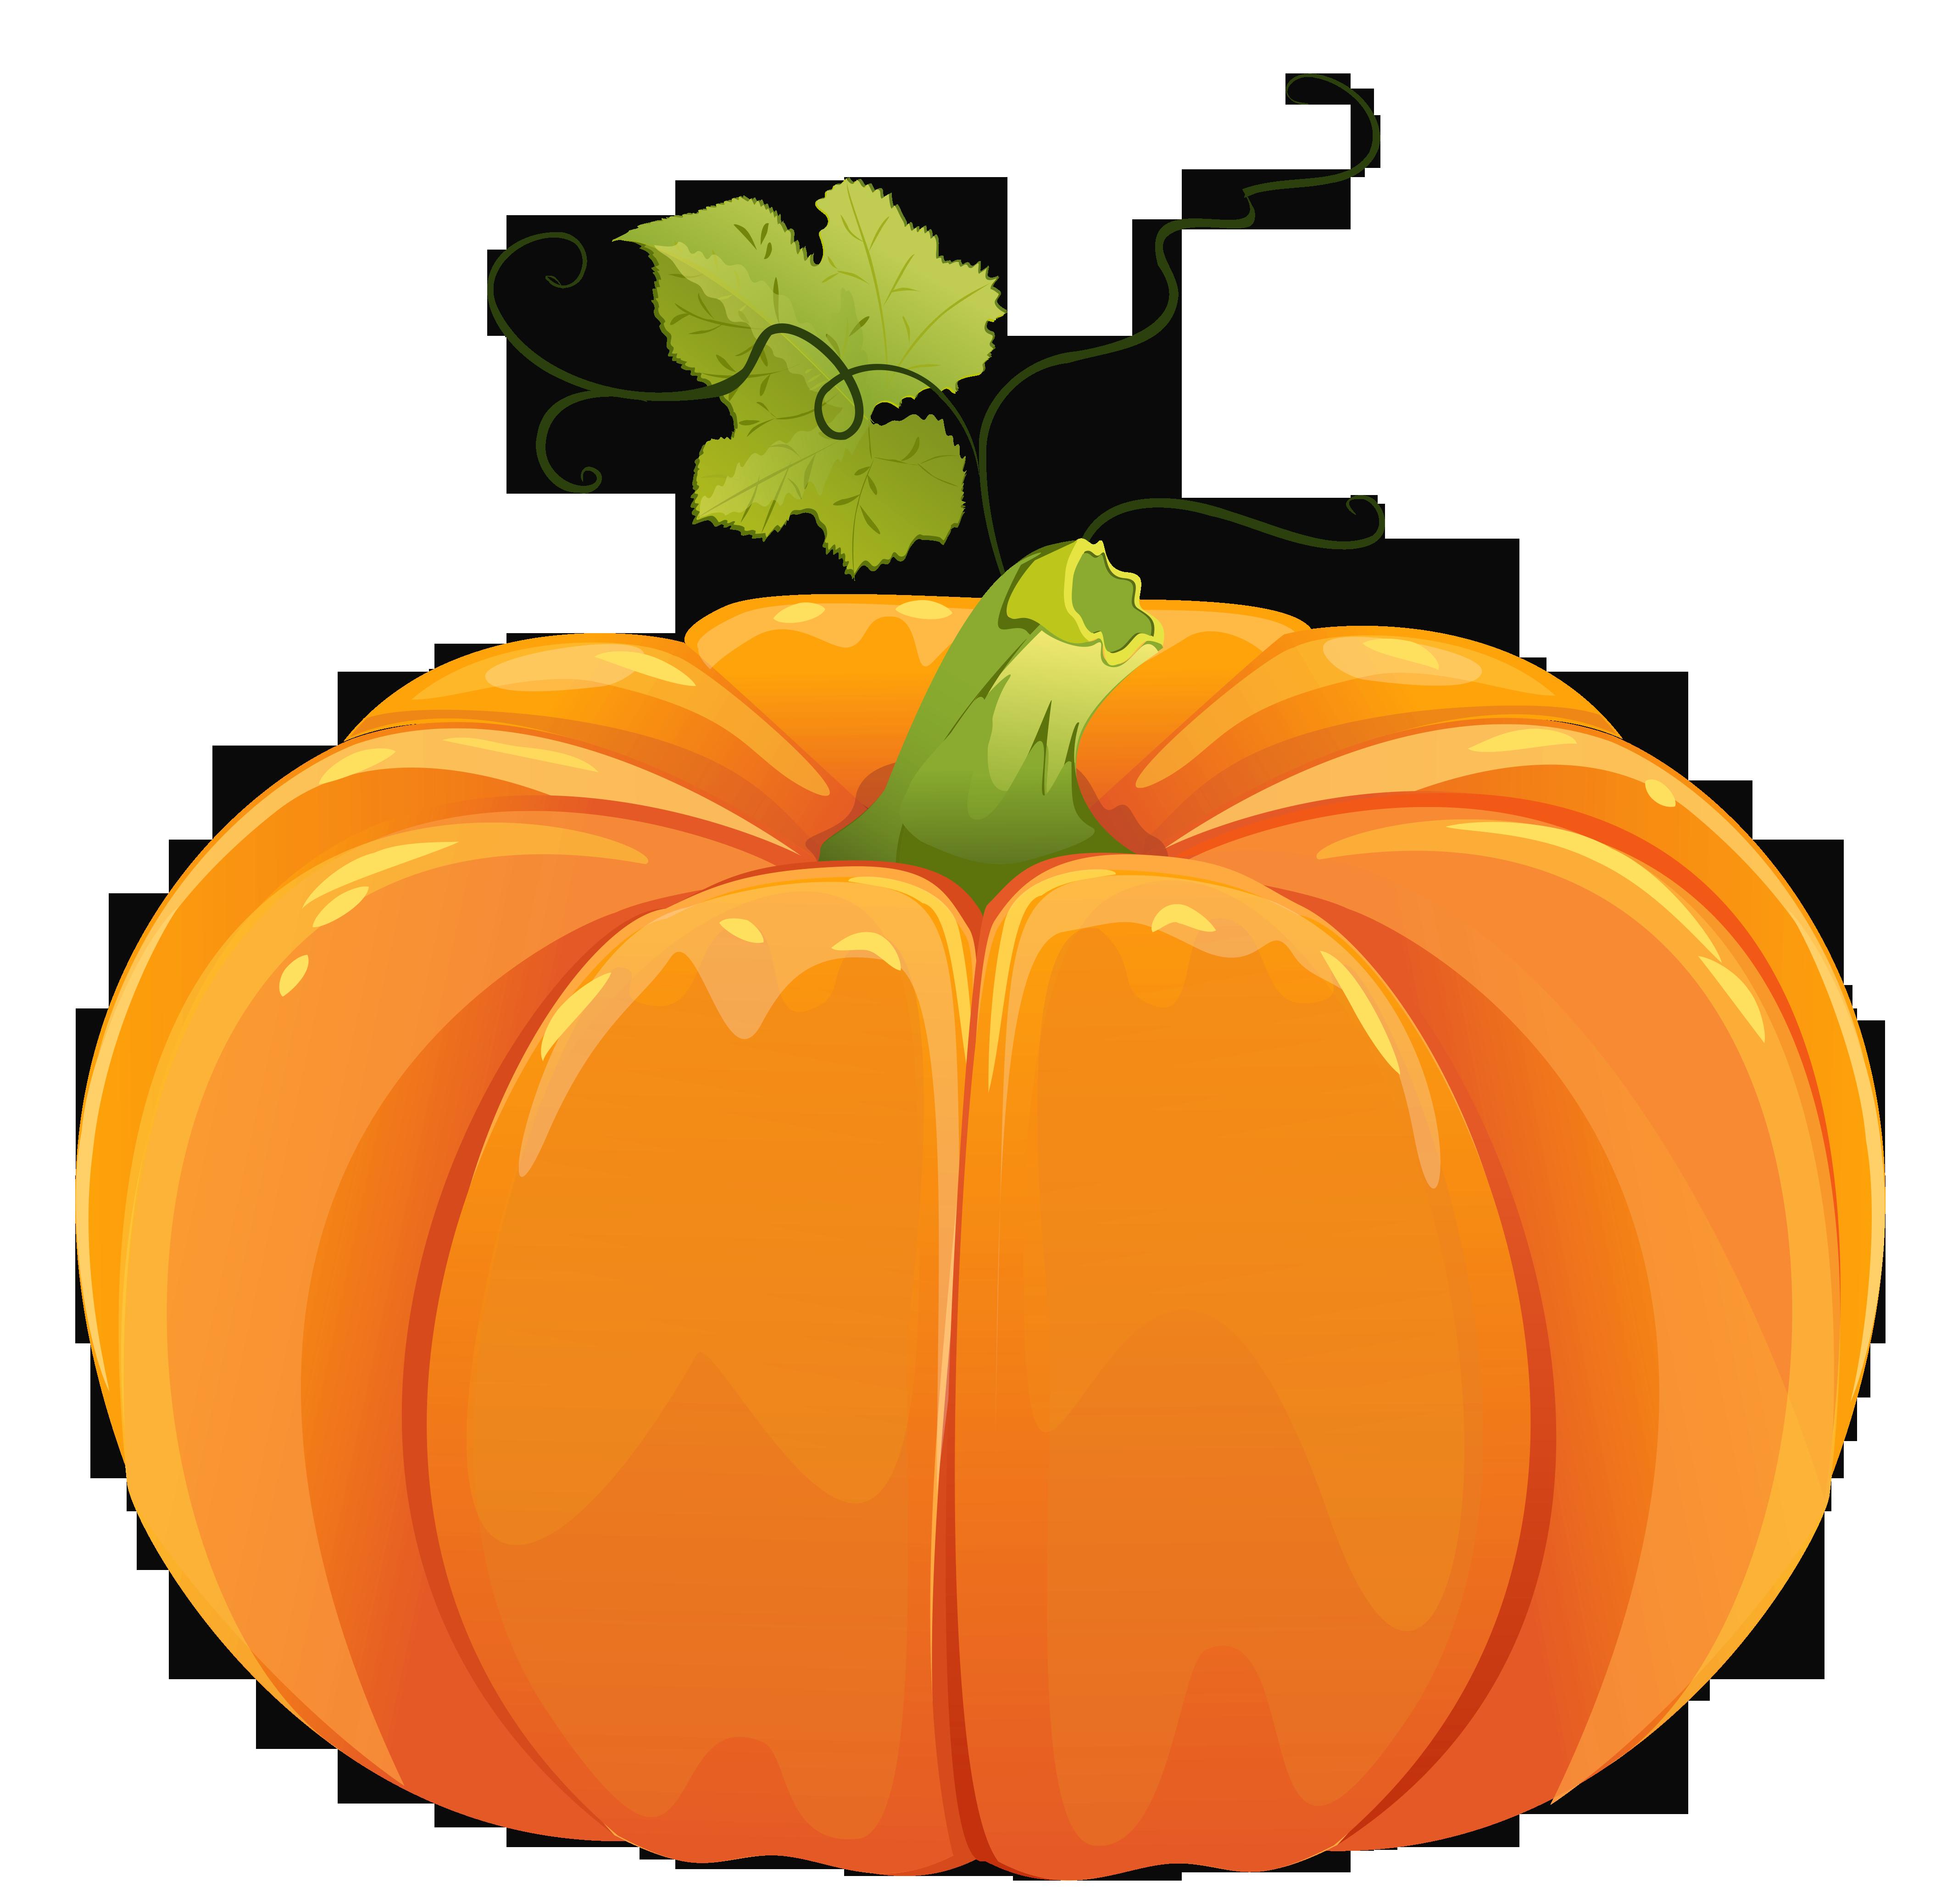 4268x4150 Realistic Clipart Pumpkin